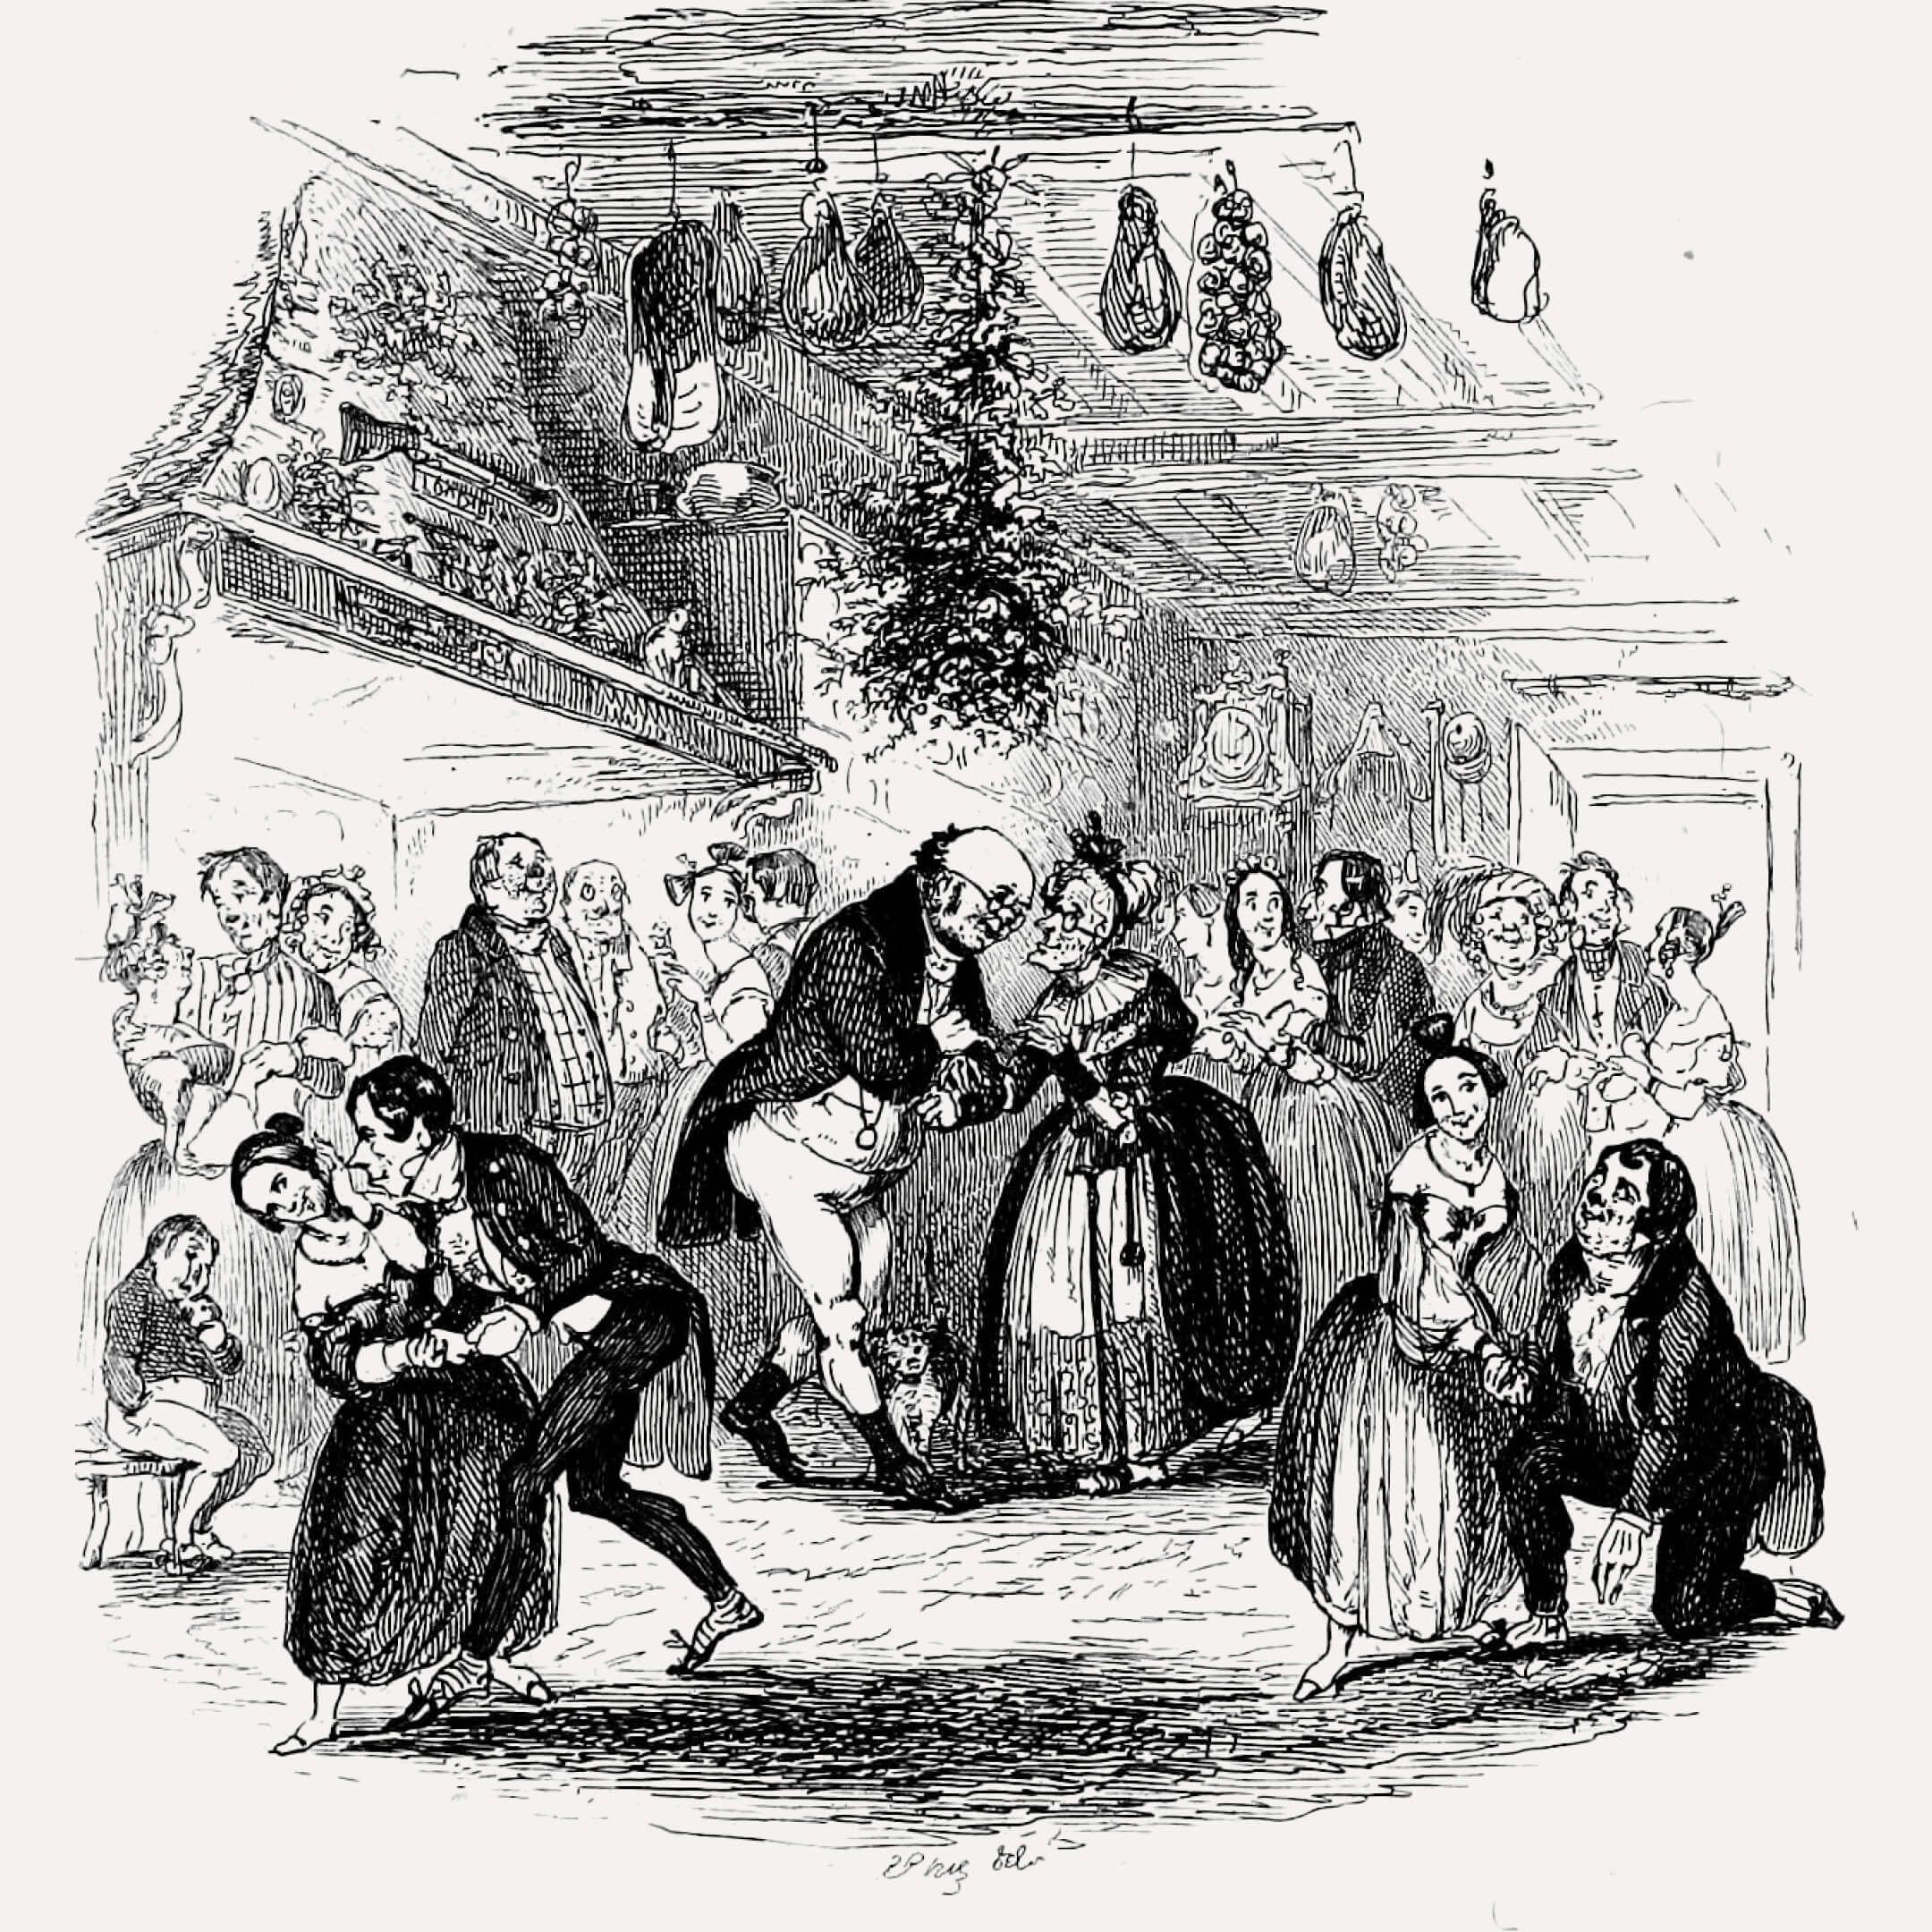 Иллюстрация кповести Чарльза Диккенса «Рождественская песнь впрозе». Художник Габлот Найт Браун, 1837год. Источник: Internet Archive Book Images